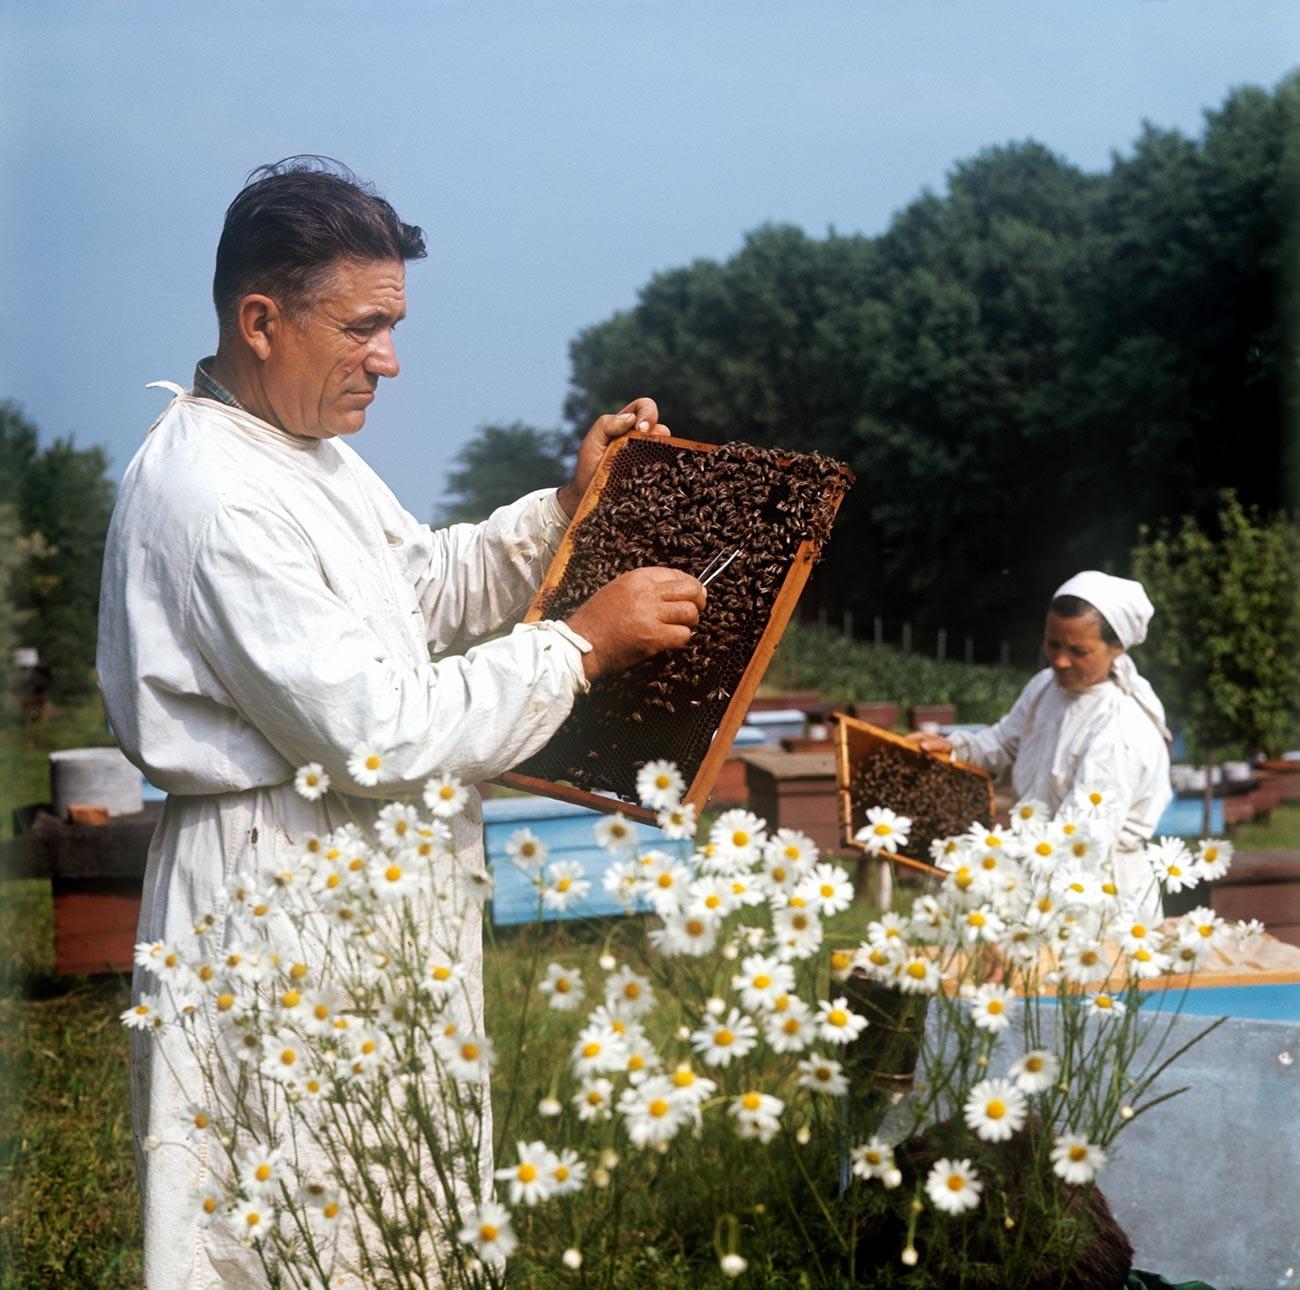 Пчеловод Антон Лупулчук из колхоза «Маяк» Дондюшанского района на пасеке. Молдавская ССР, 1975